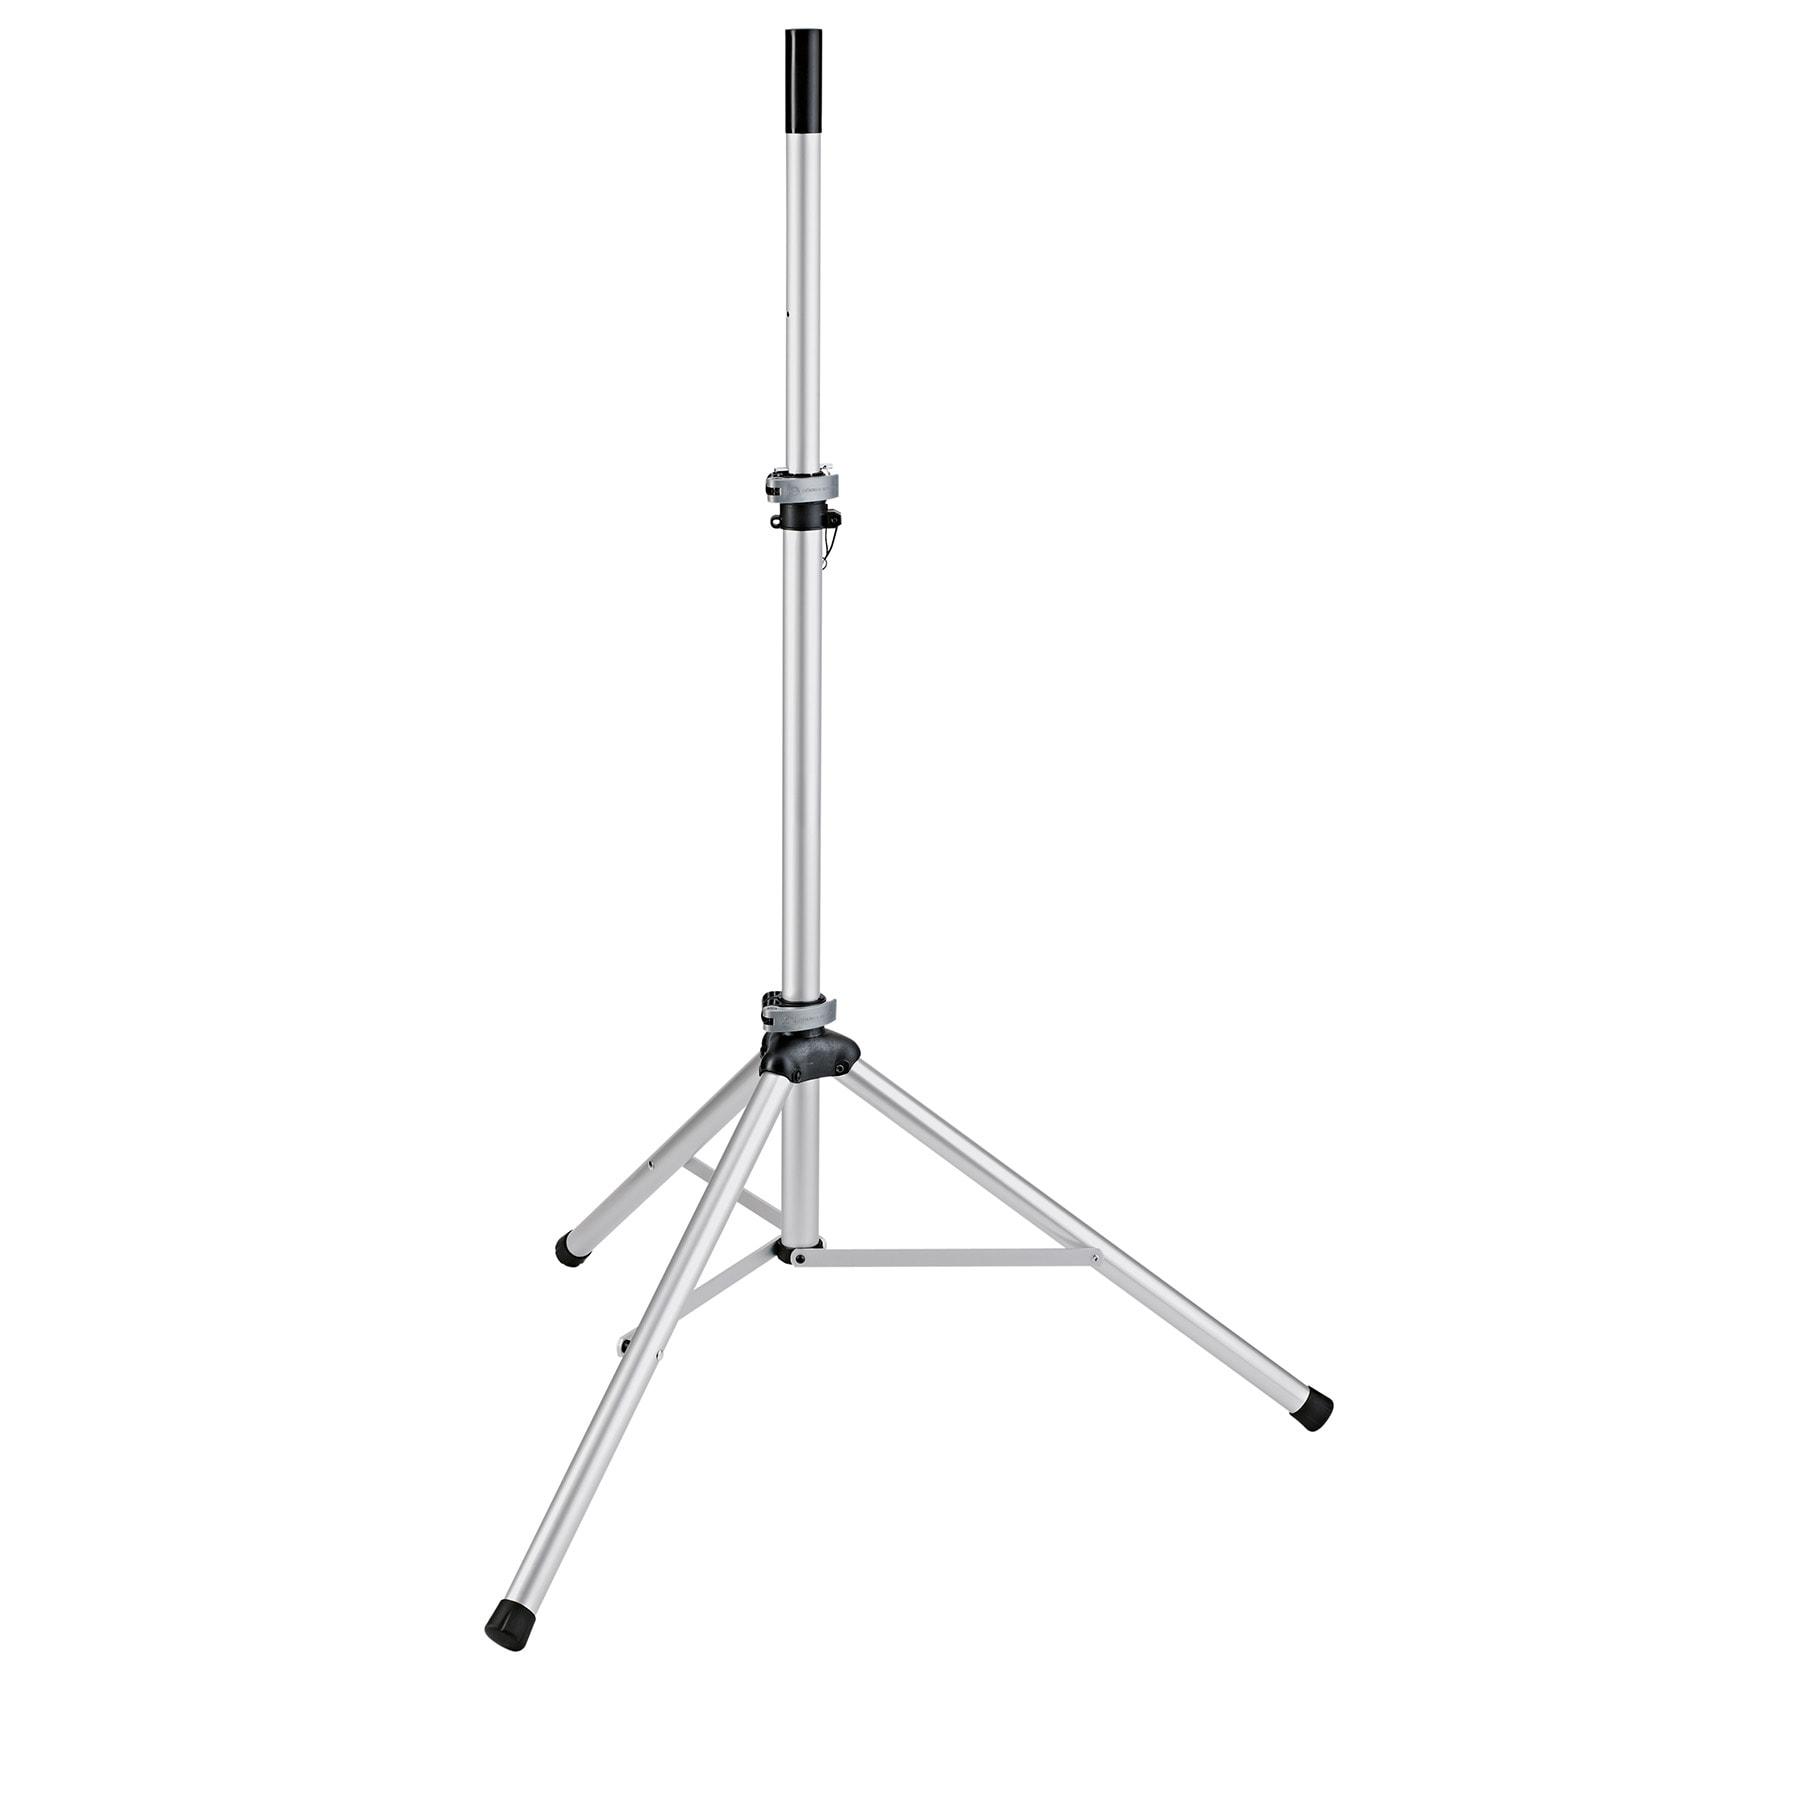 KM21450 - Speaker stand